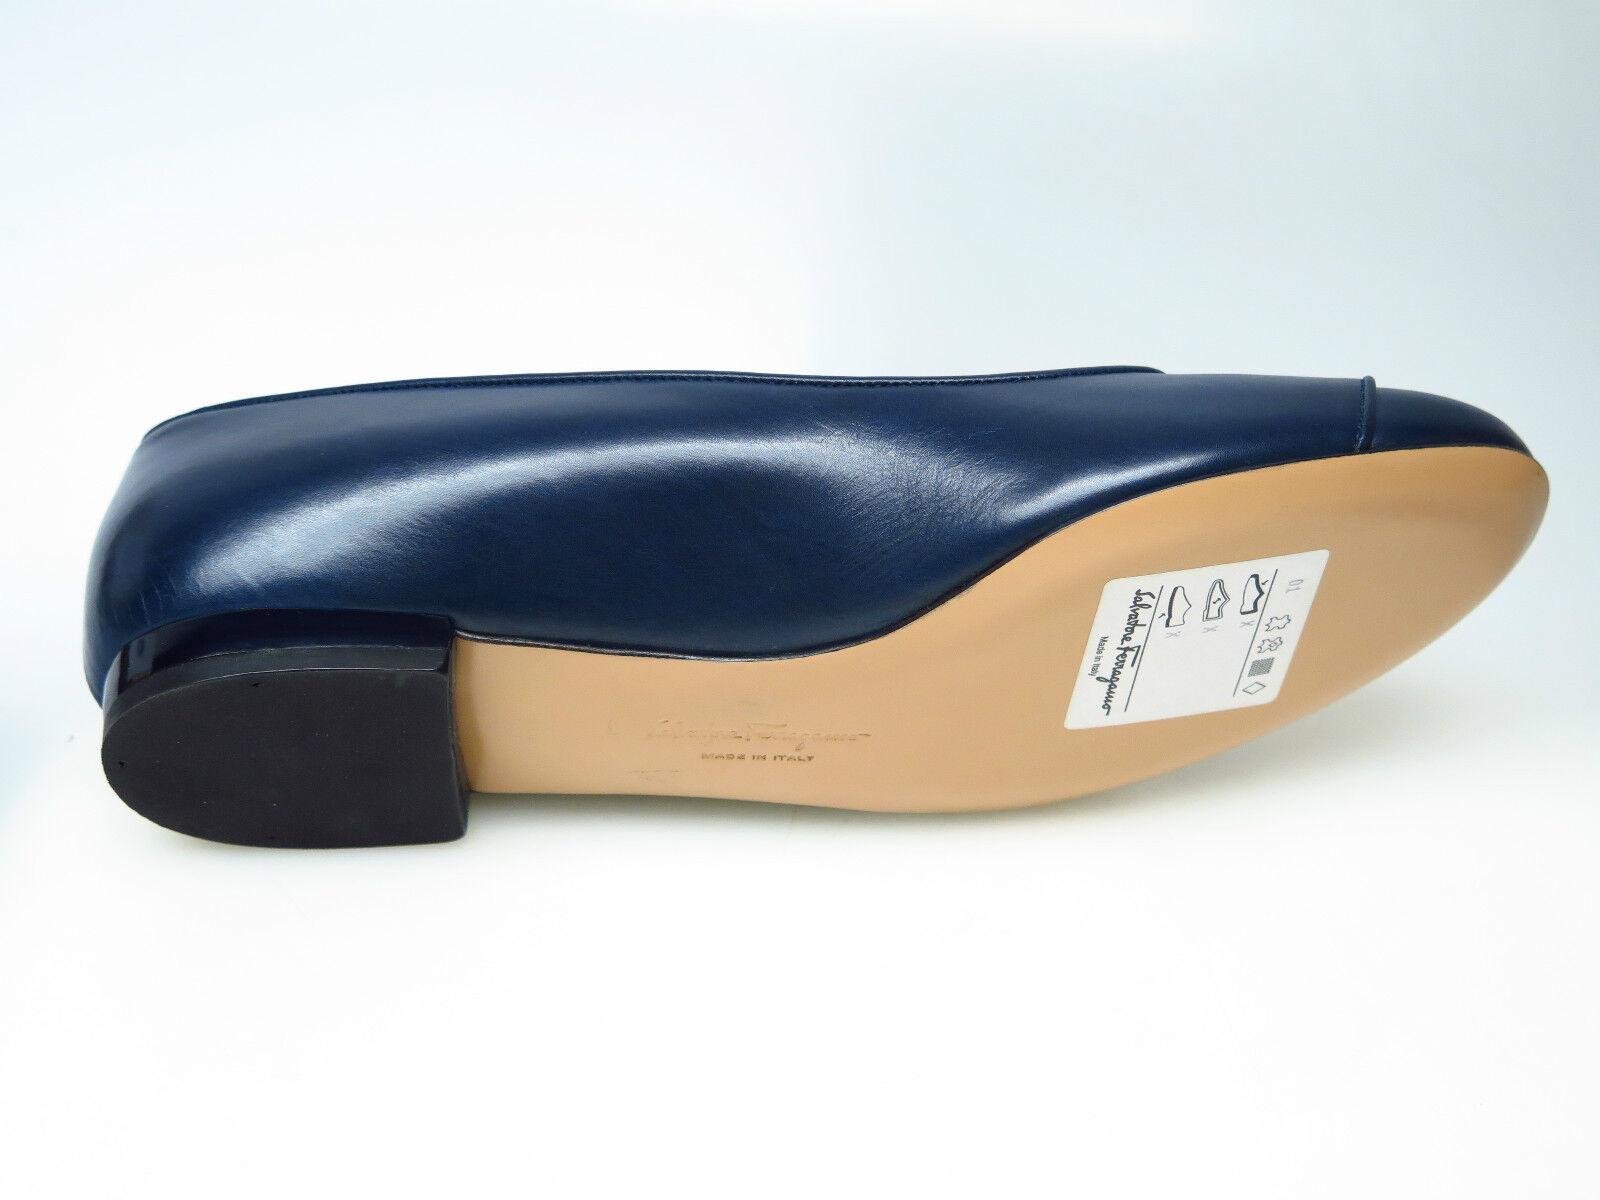 SALVATORE FERRAGAMO Schuhe Designer Damenschuhe Pemba 1cm US US 1cm 6 EU 36 NEU b60b2b